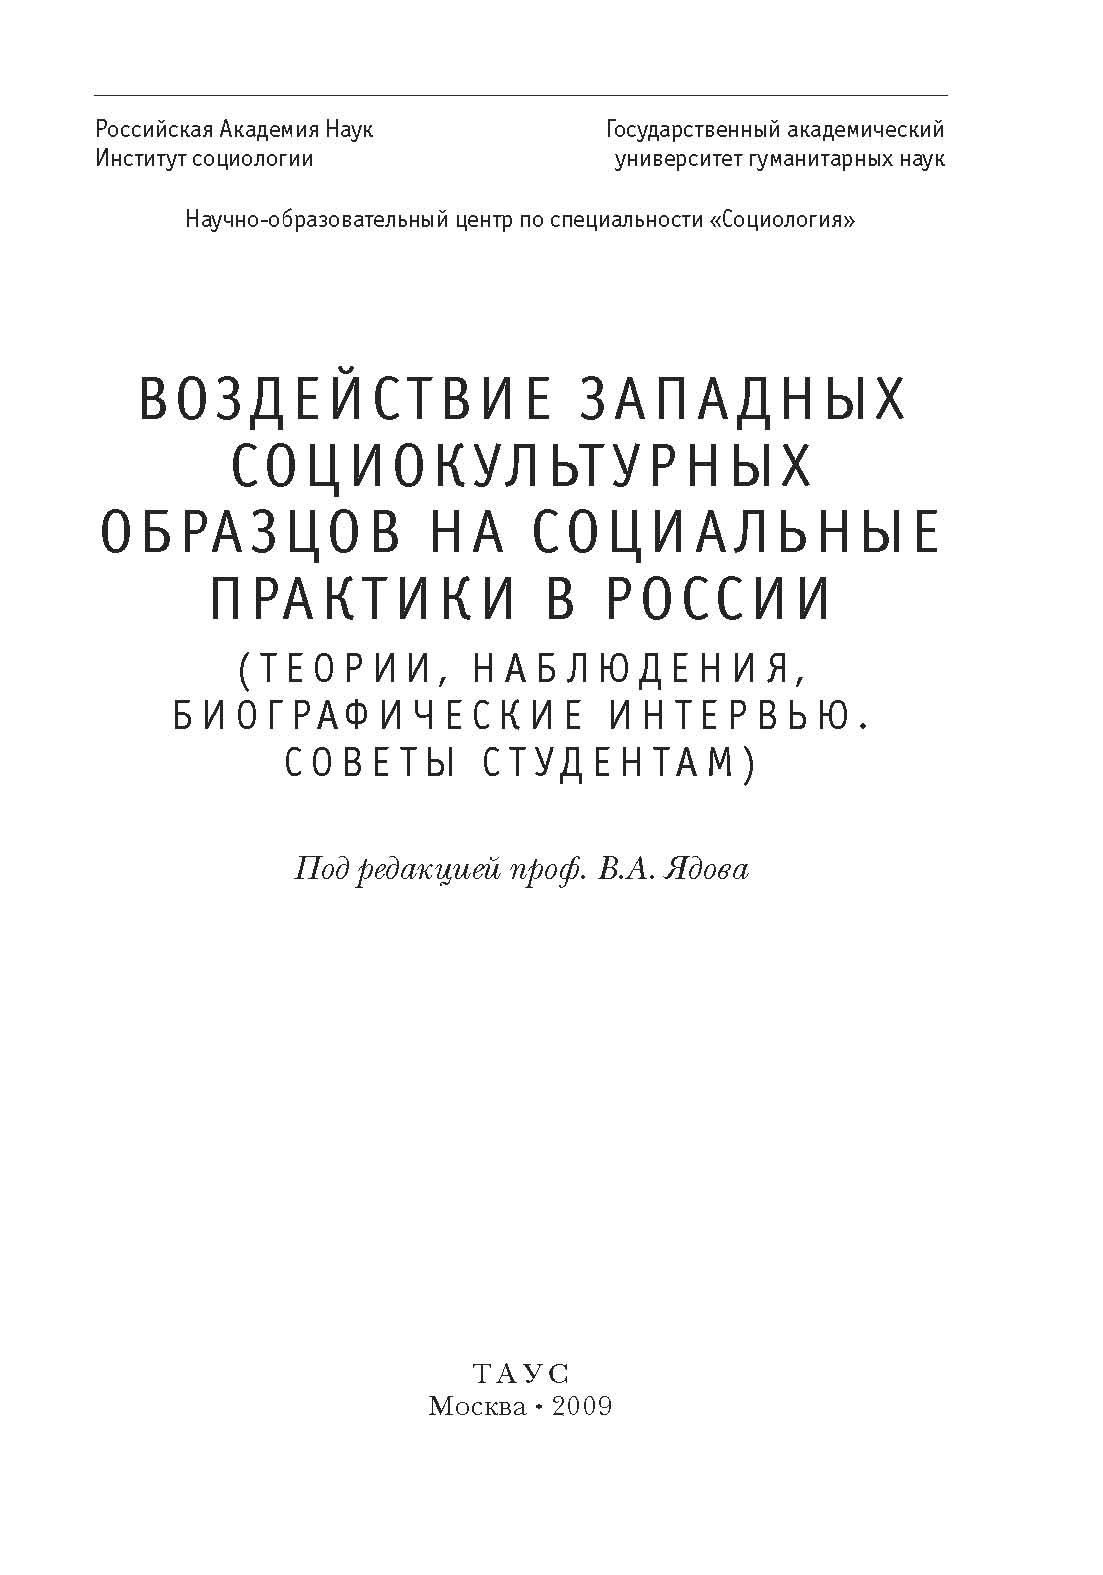 Воздействие западных социокультурных образцов на социальные практики в России